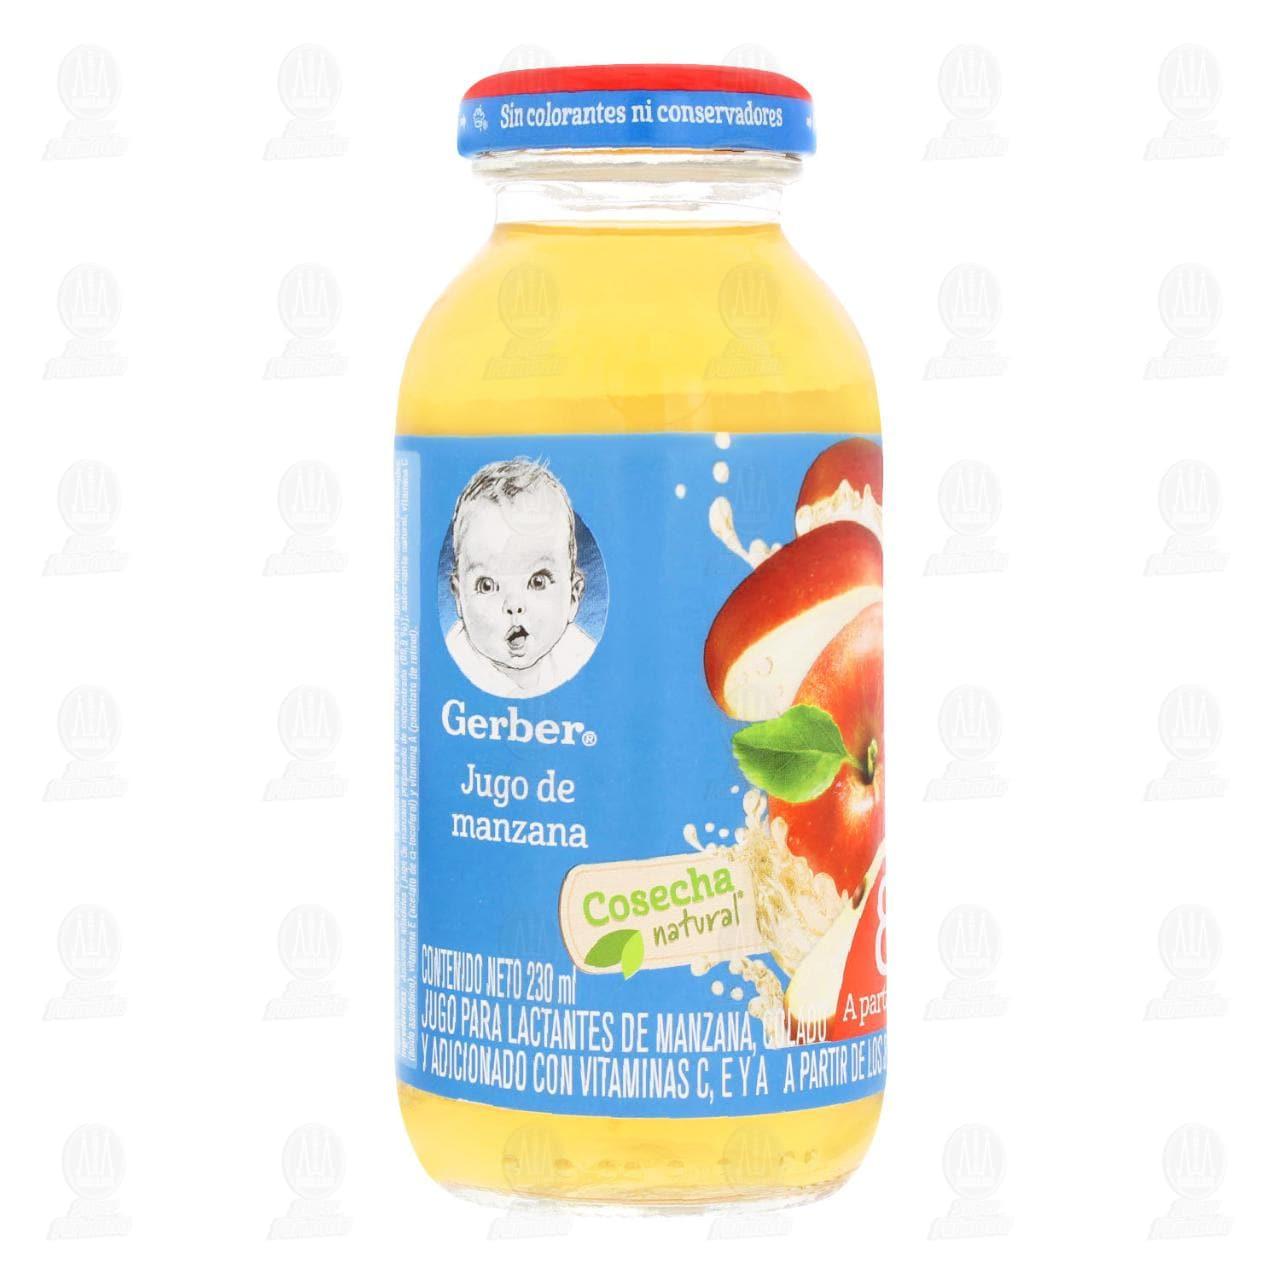 Comprar Jugo Gerber Cosecha Natural de Manzana, a Partir de los 8 Meses, 230 ml. en Farmacias Guadalajara